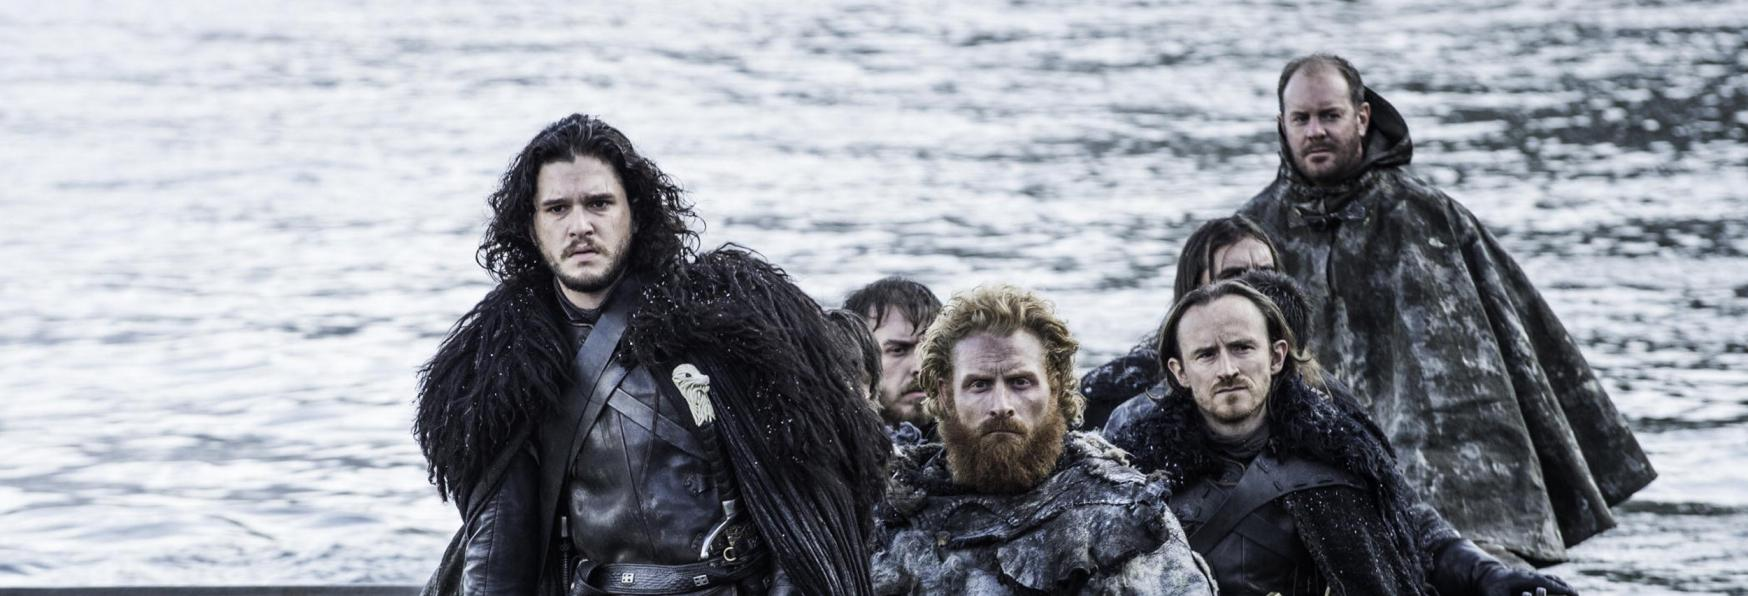 Game Of Thrones: HBO annuncia la Cancellazione della Serie TV Spin-off Flea Bottom